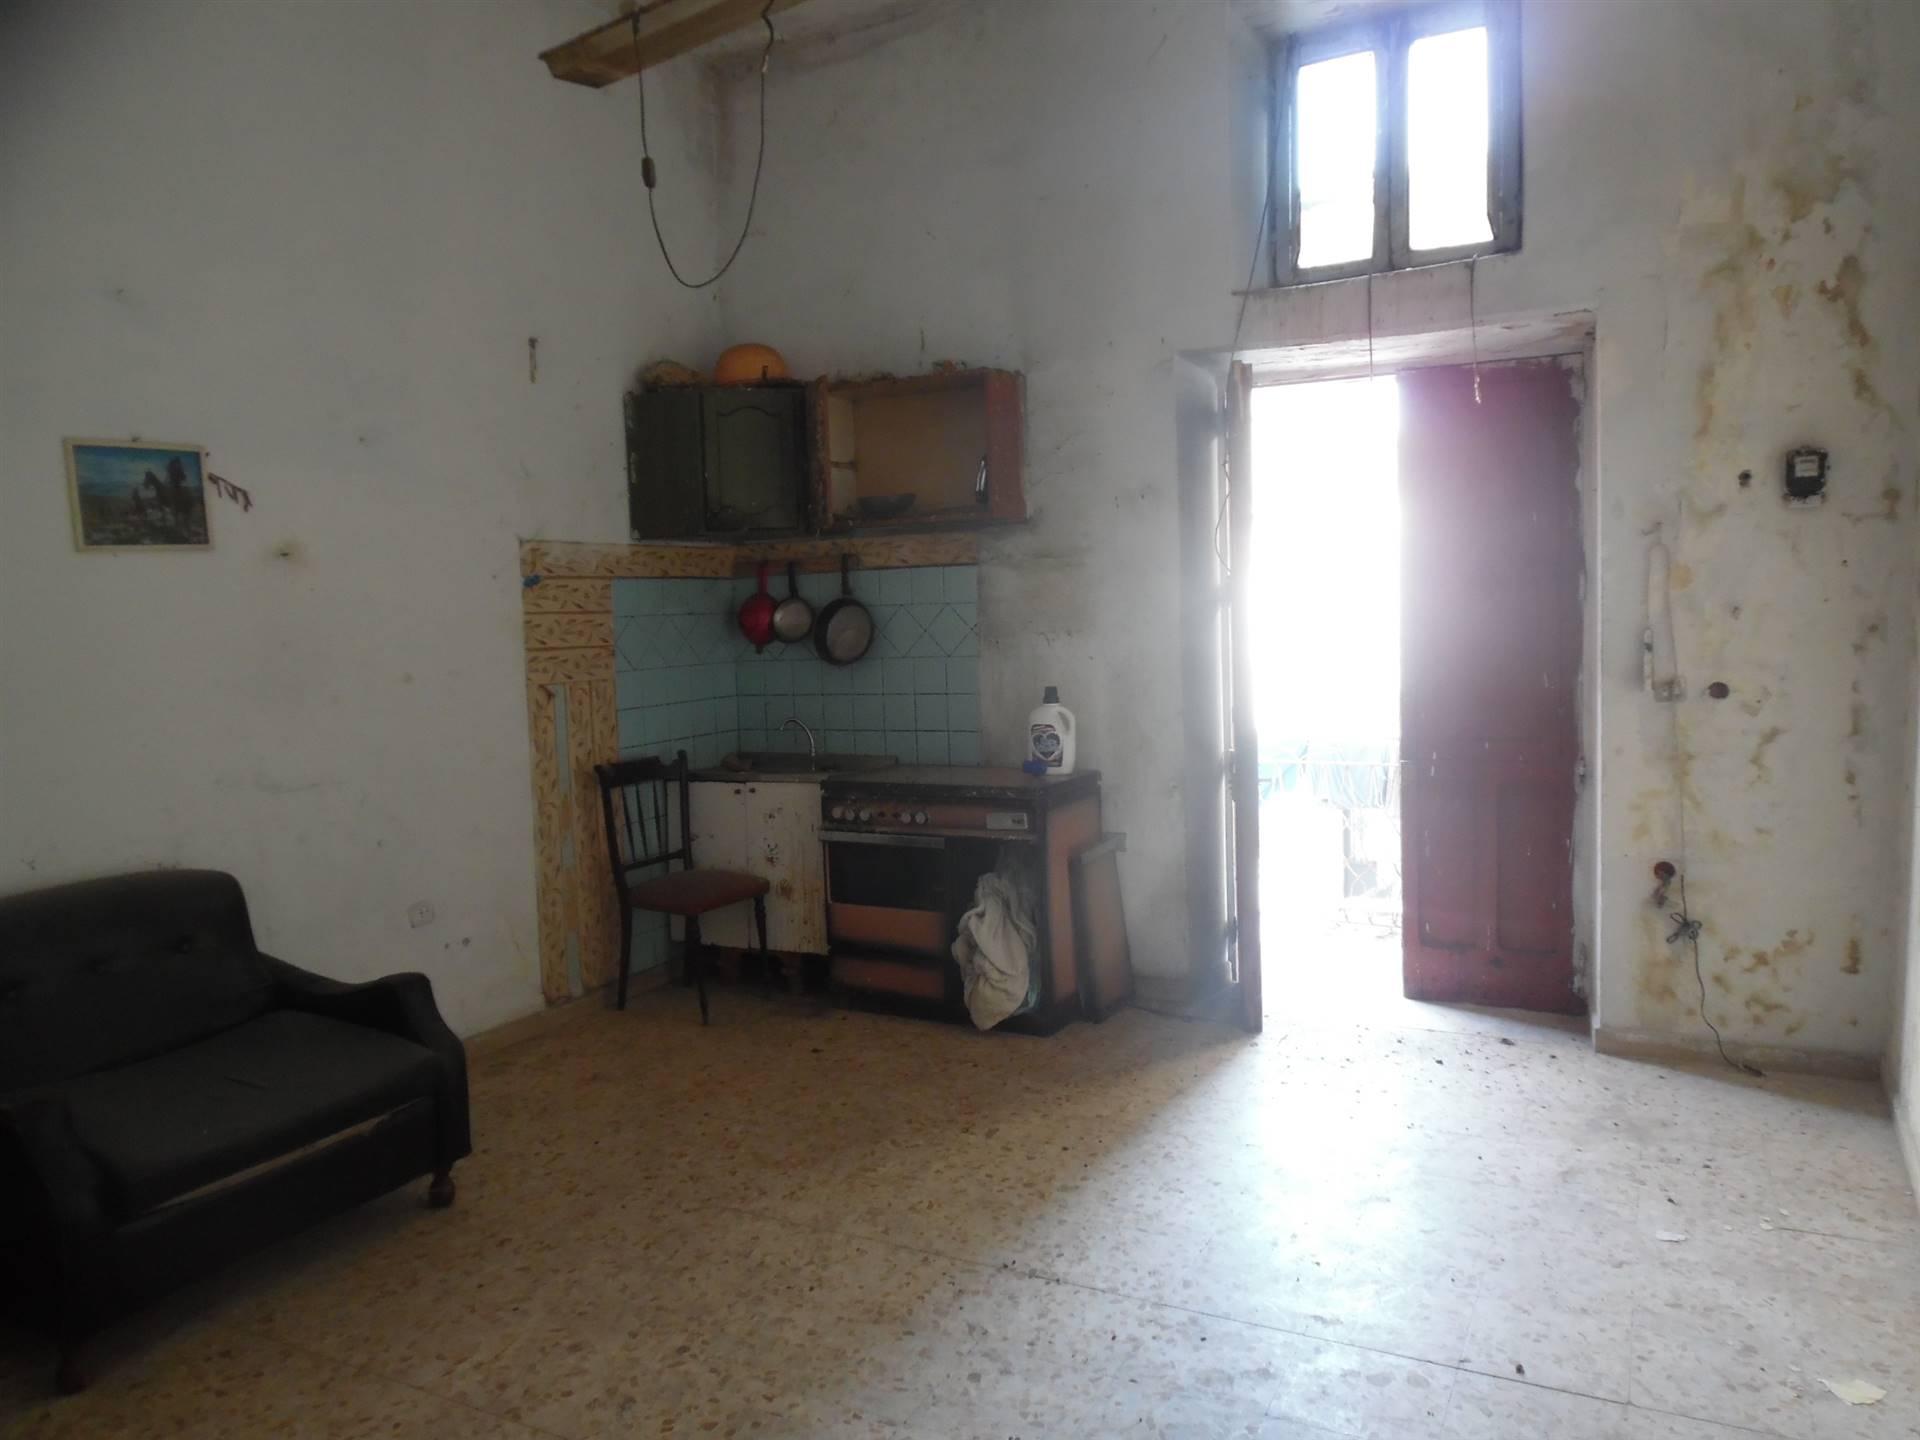 Case in vendita ad Angri (SA)